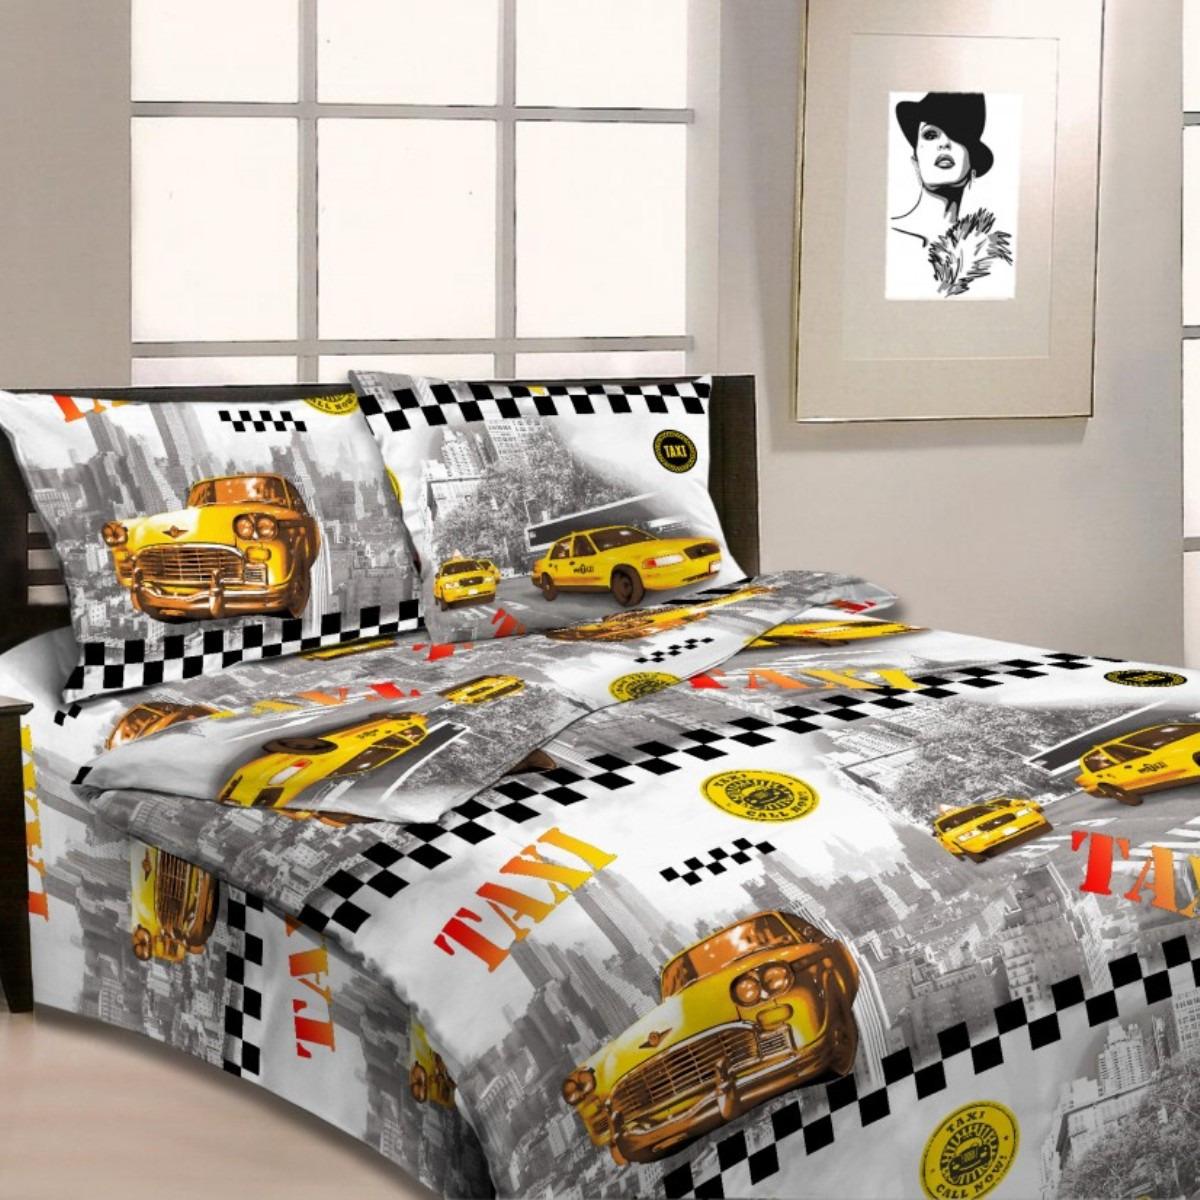 Комплект постельного белья Letto, B412-3, 1.5-спальный, наволочки 70х70, серый